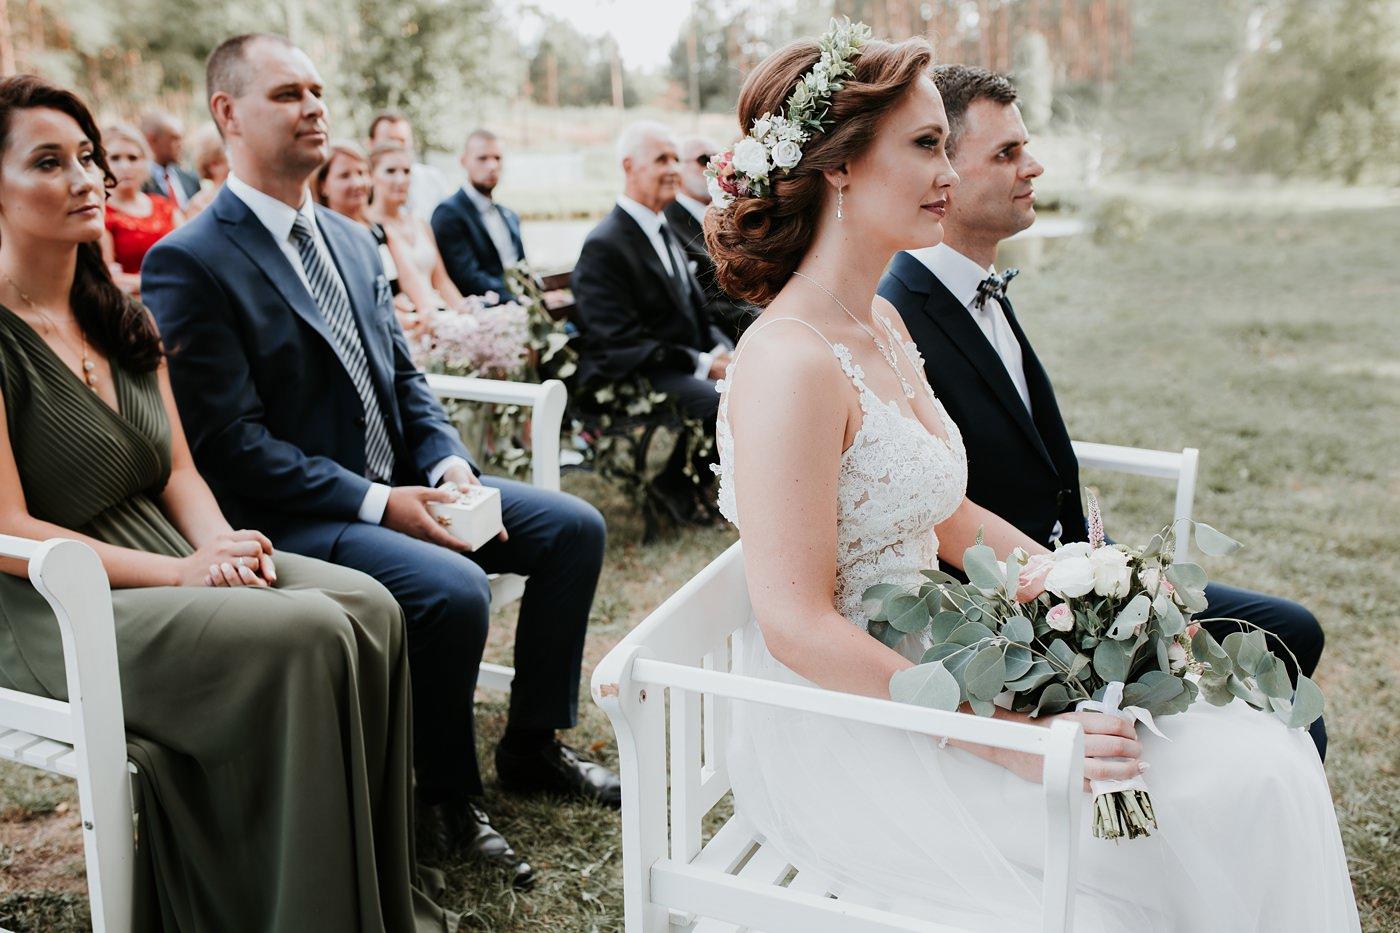 Anna & Wojtek - Ślub cywilny w plenerze - Barnówko w Sam Las 59